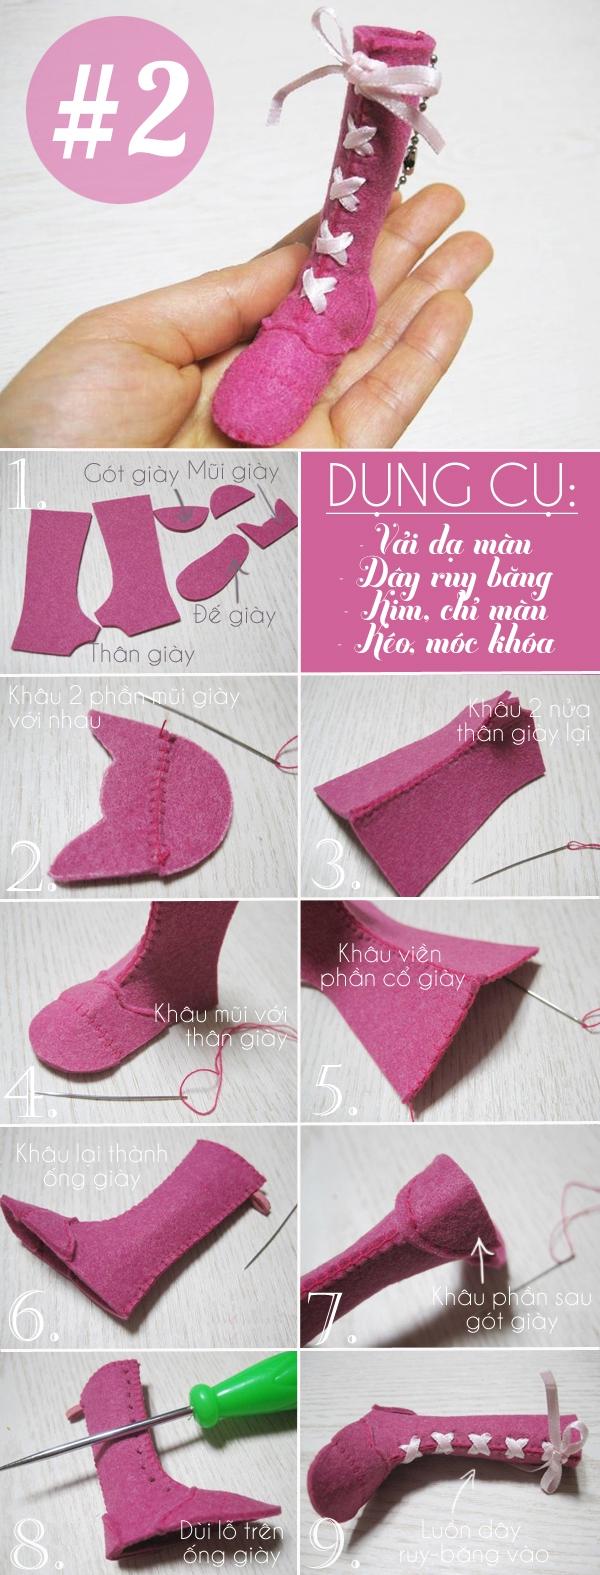 3 cách làm móc khóa hình chiếc giày đáng yêu 2